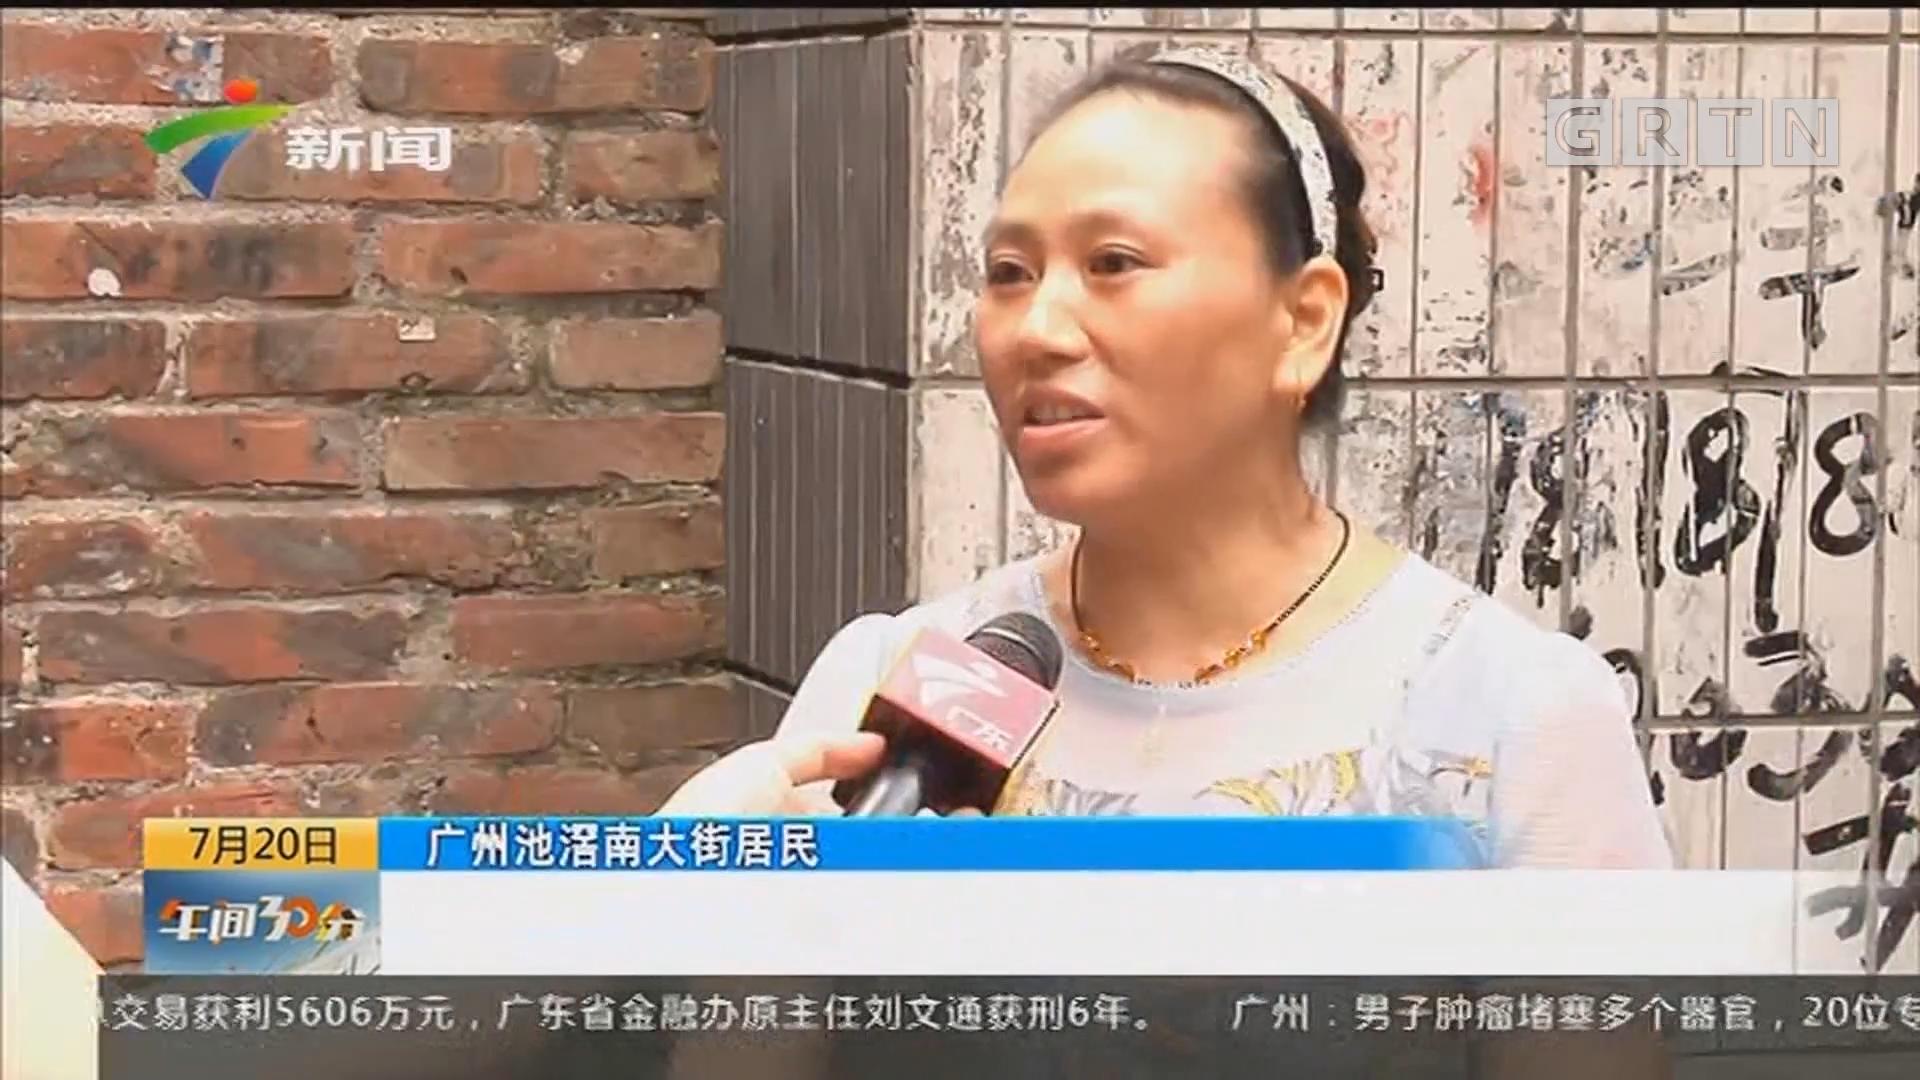 广州:大热天频频停电 街坊入睡有点难